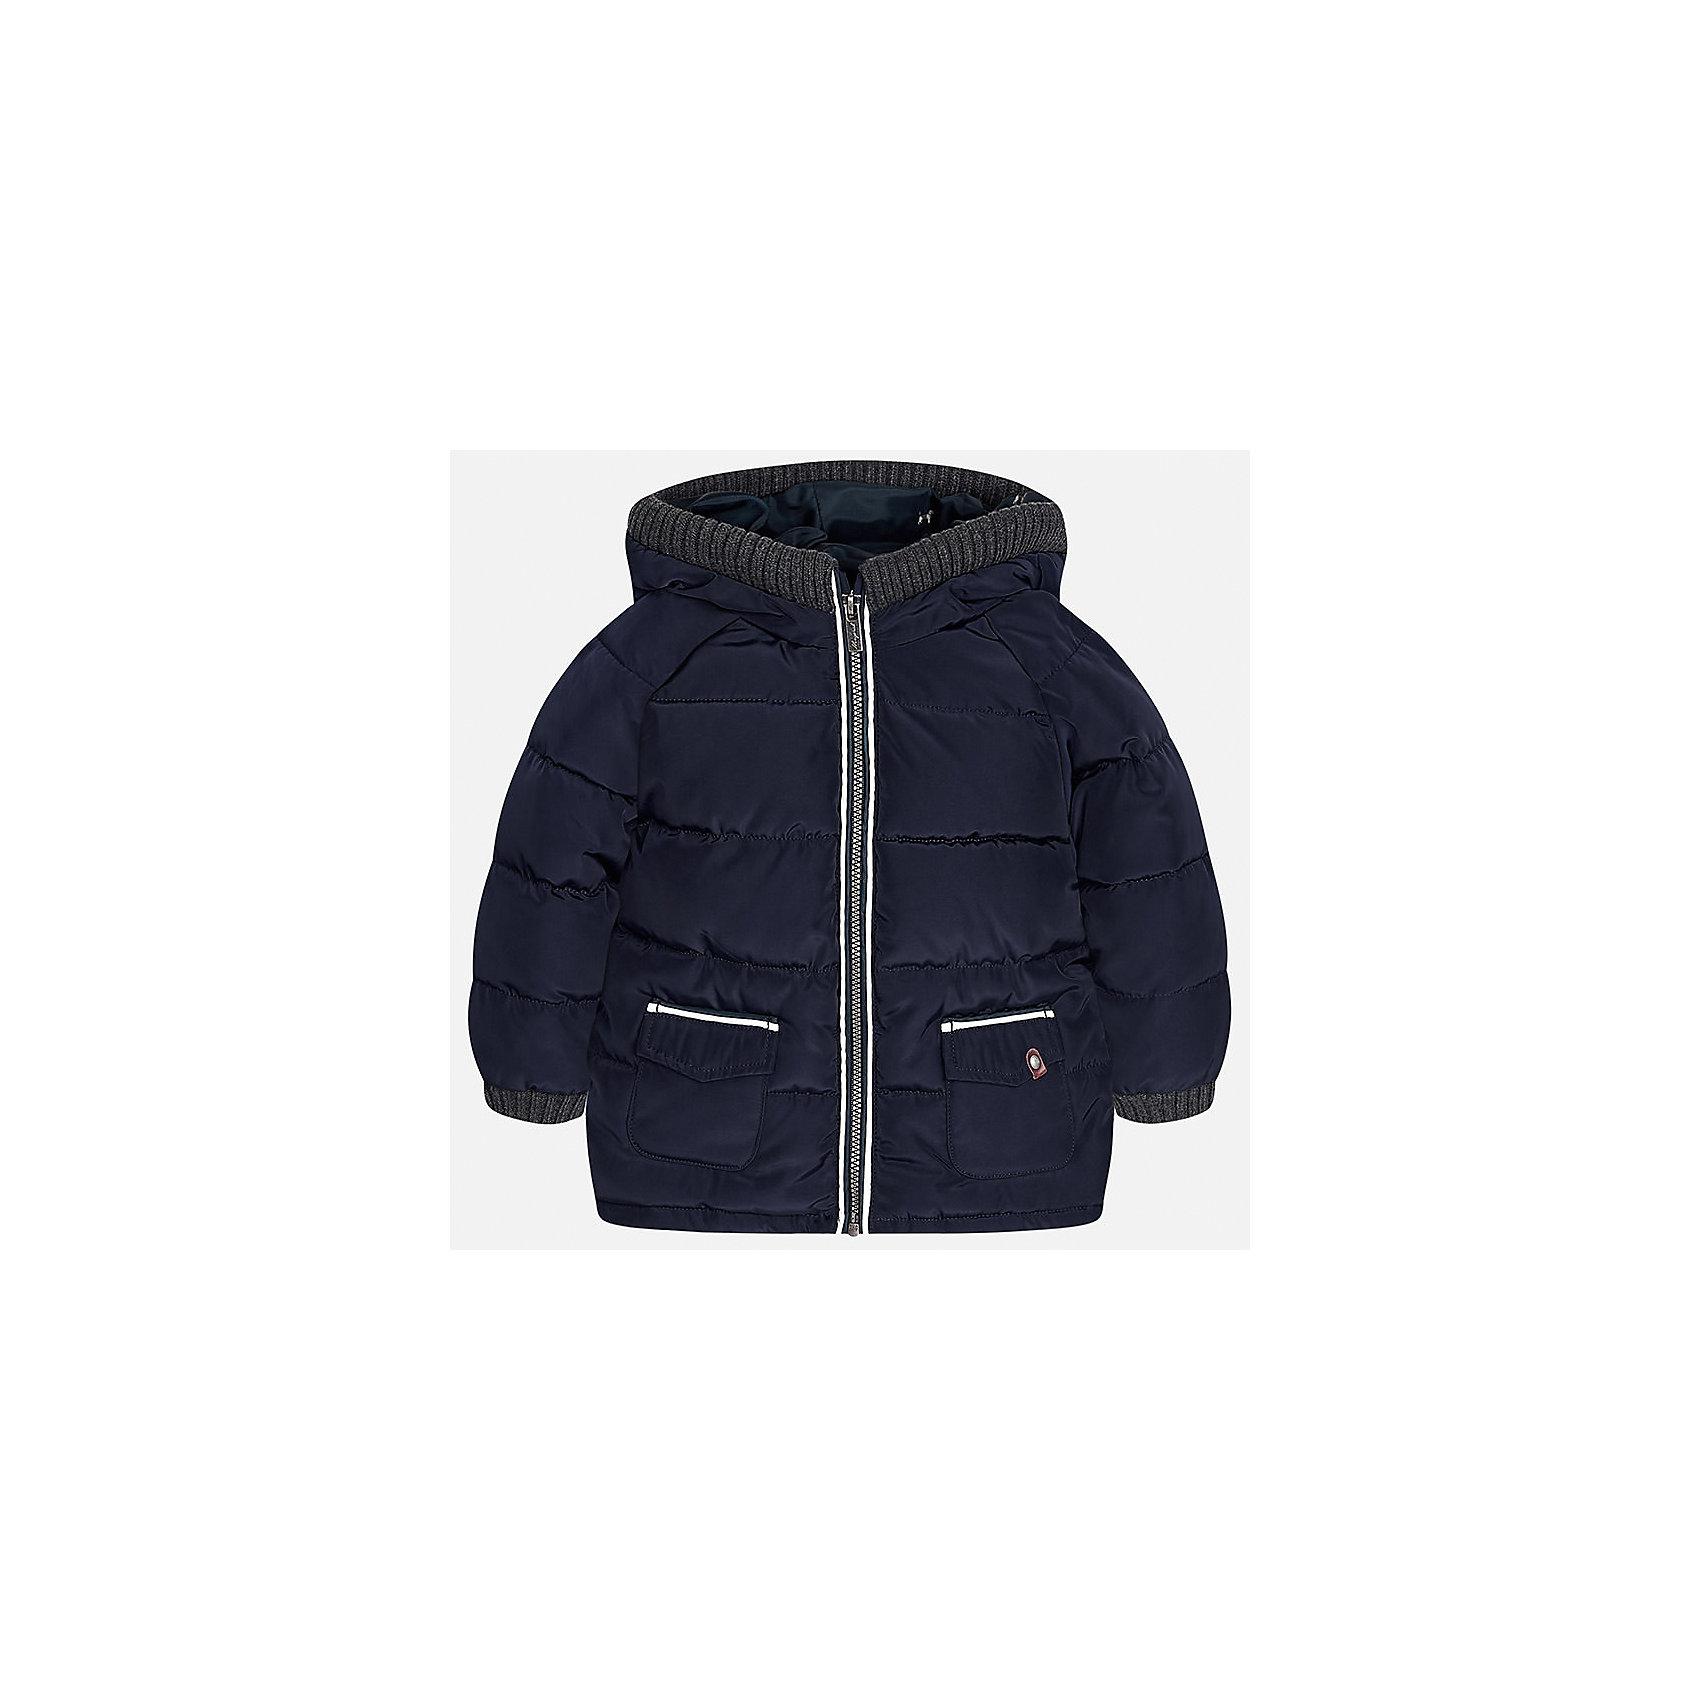 Куртка для мальчика MayoralВерхняя одежда<br>Характеристики товара:<br><br>• цвет: синий<br>• состав ткани: 100% полиэстер<br>• подкладка: 100% полиэстер<br>• утеплитель: 100% полиэстер<br>• сезон: демисезон<br>• температурный режим: от -10 до +10<br>• особенности модели: с капюшоном, дутая<br>• капюшон: несъемный<br>• застежка: молния<br>• страна бренда: Испания<br>• страна изготовитель: Индия<br><br>Теплая демисезонная куртка для мальчика от Майорал поможет обеспечить ребенку комфорт и тепло. Детская куртка с капюшоном отличается модным и продуманным дизайном. В куртке для мальчика от испанской компании Майорал ребенок будет выглядеть модно, а чувствовать себя - комфортно. <br><br>Куртку для мальчика Mayoral (Майорал) можно купить в нашем интернет-магазине.<br><br>Ширина мм: 356<br>Глубина мм: 10<br>Высота мм: 245<br>Вес г: 519<br>Цвет: синий<br>Возраст от месяцев: 18<br>Возраст до месяцев: 24<br>Пол: Мужской<br>Возраст: Детский<br>Размер: 92,98,80,86<br>SKU: 6935160